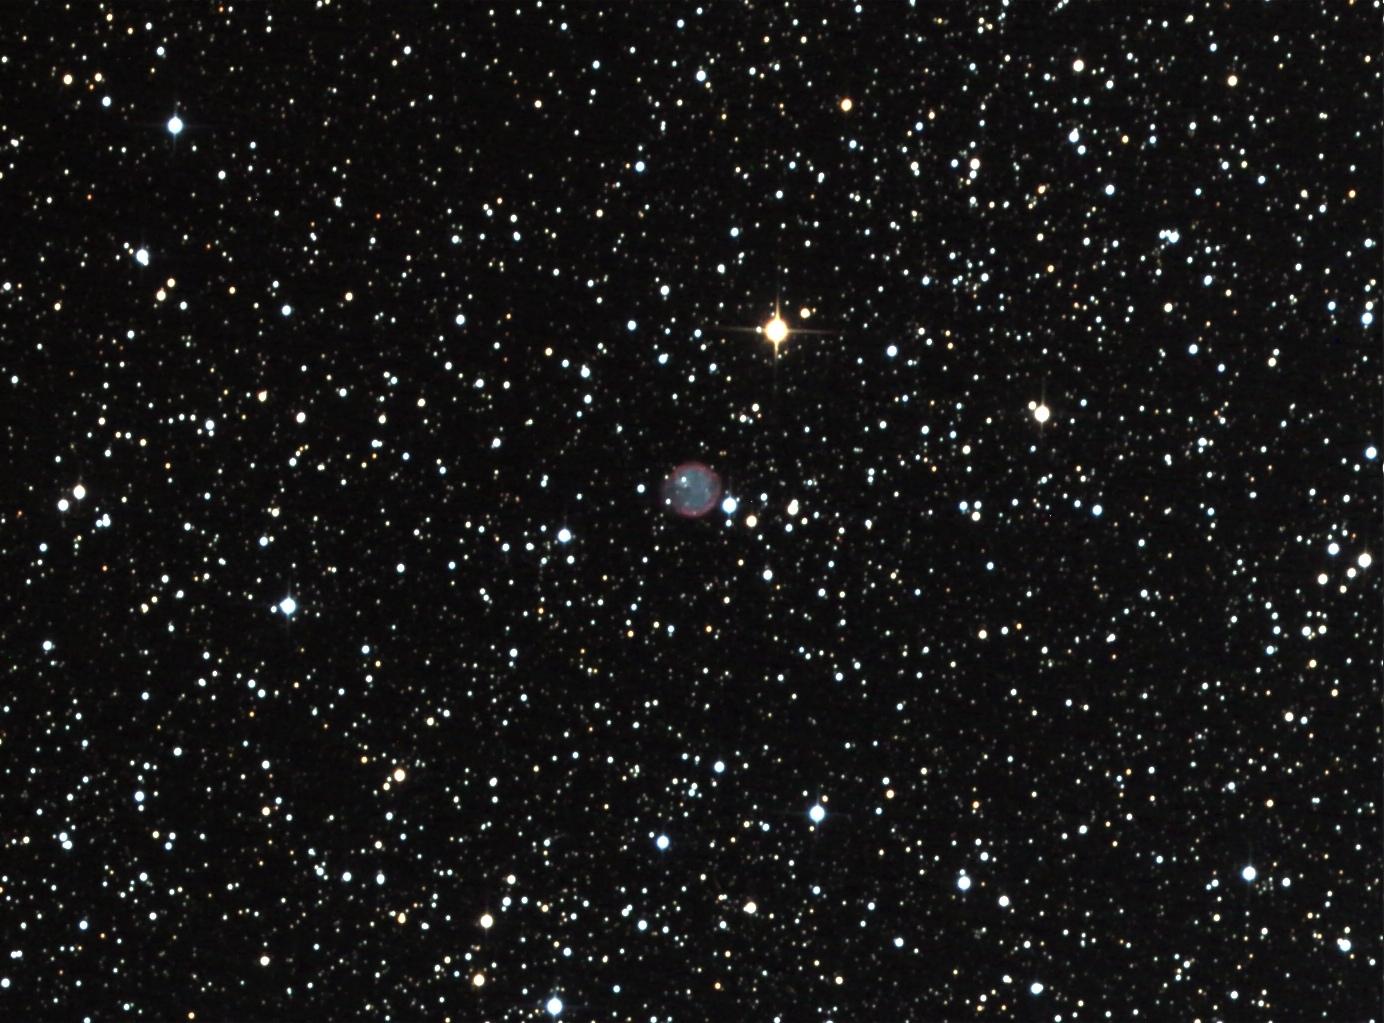 NGC7048_2019_08_21.jpg.eea37642d0f99abe057d3dd6eb4667fa.jpg